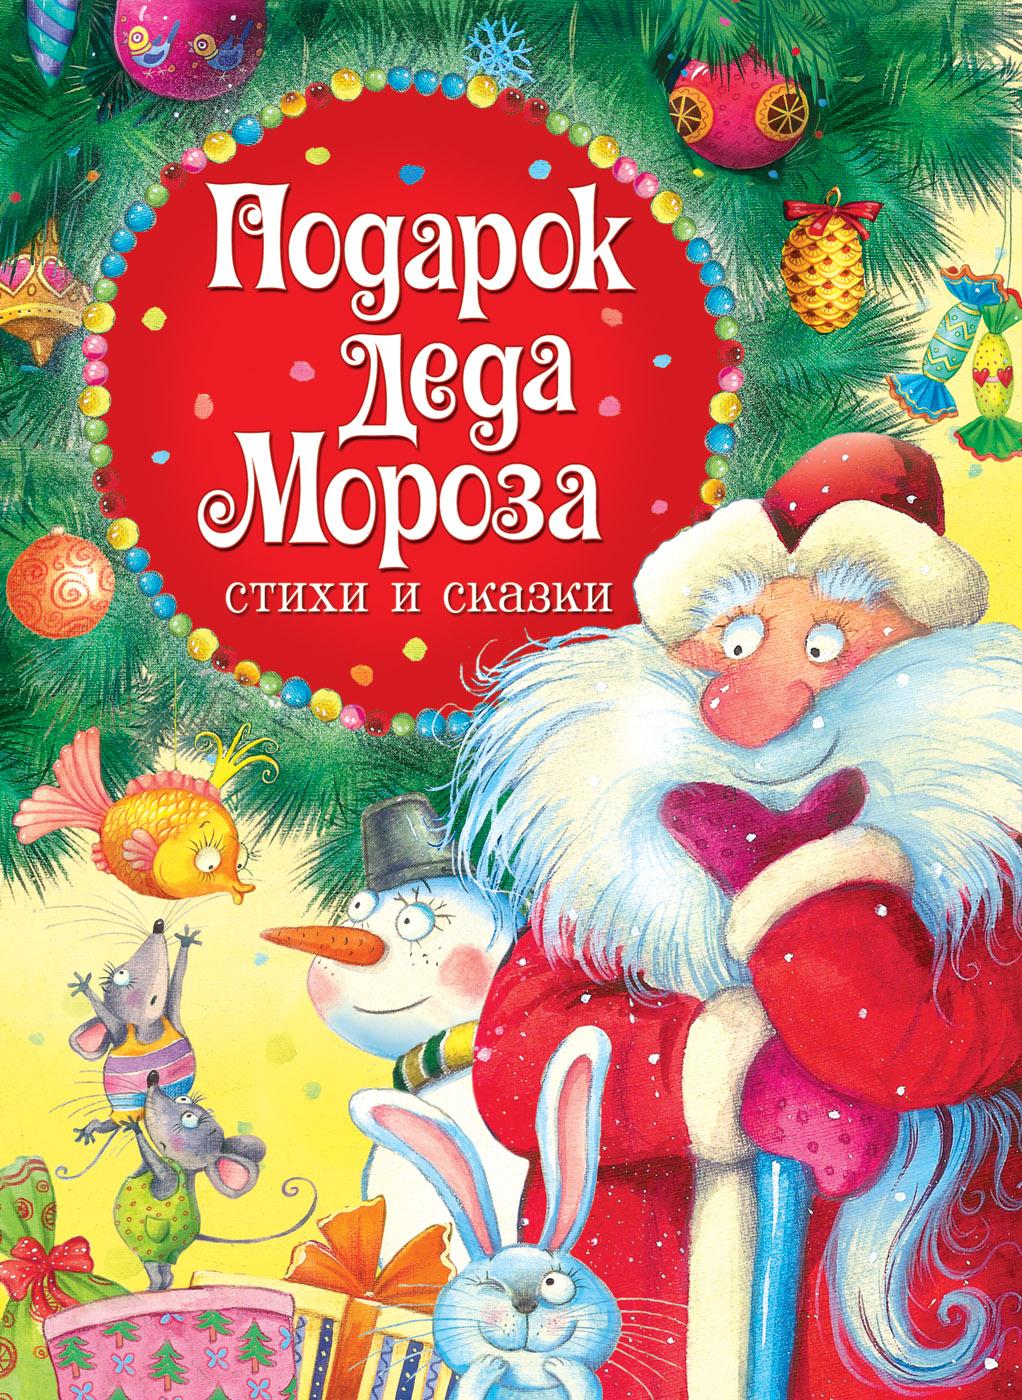 Книга Стихи и сказки - Подарок Деда МорозаПервые Сказки<br>Книга Стихи и сказки - Подарок Деда Мороза<br>